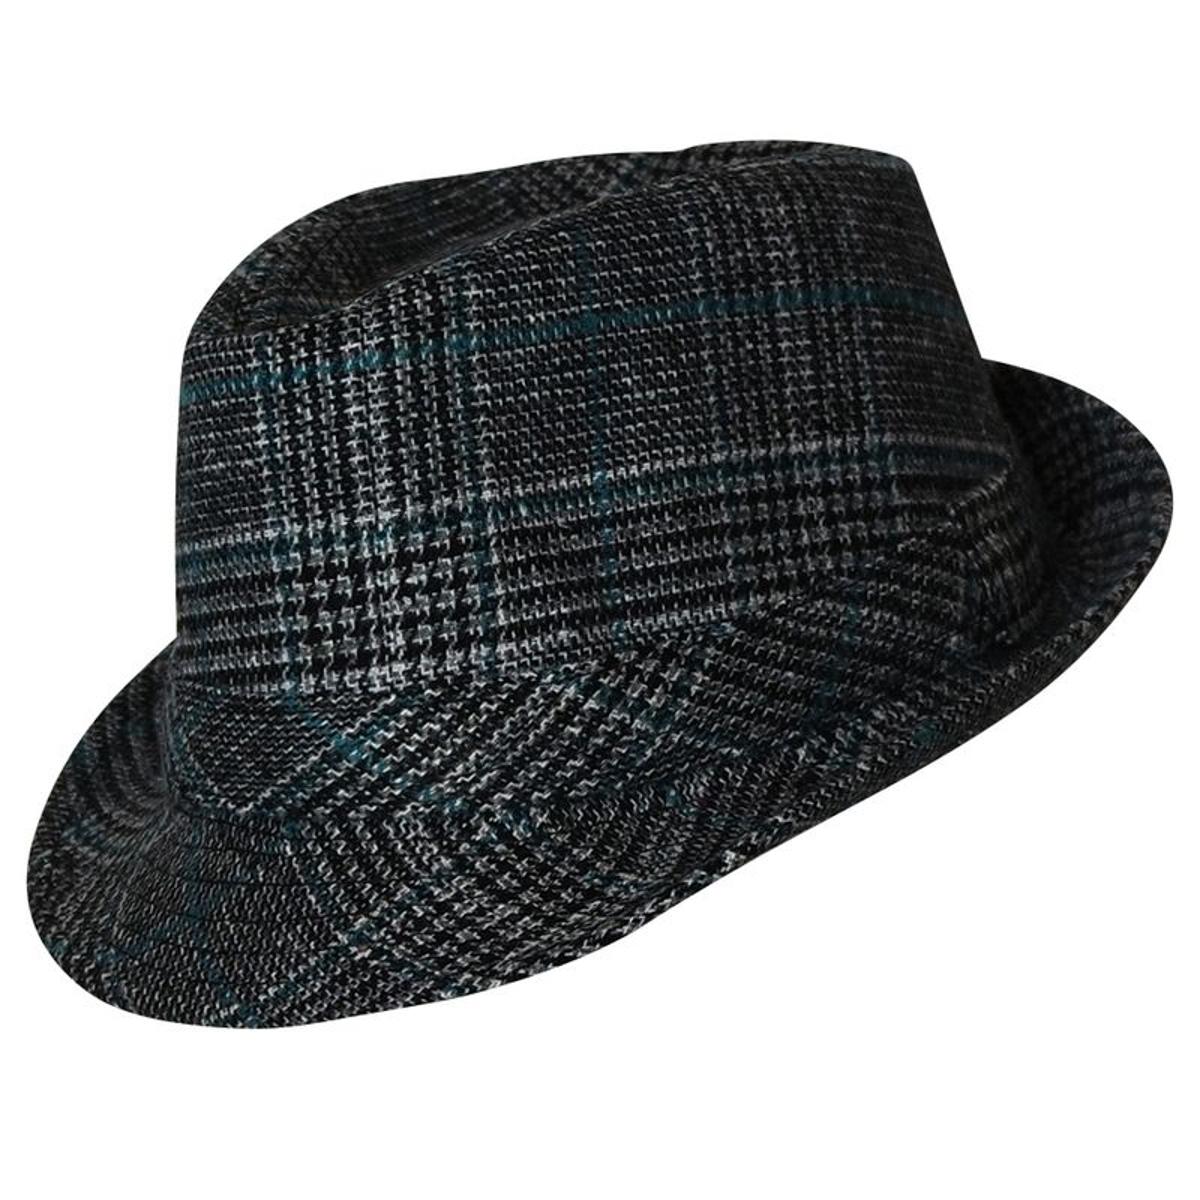 Chapeau homme chiné